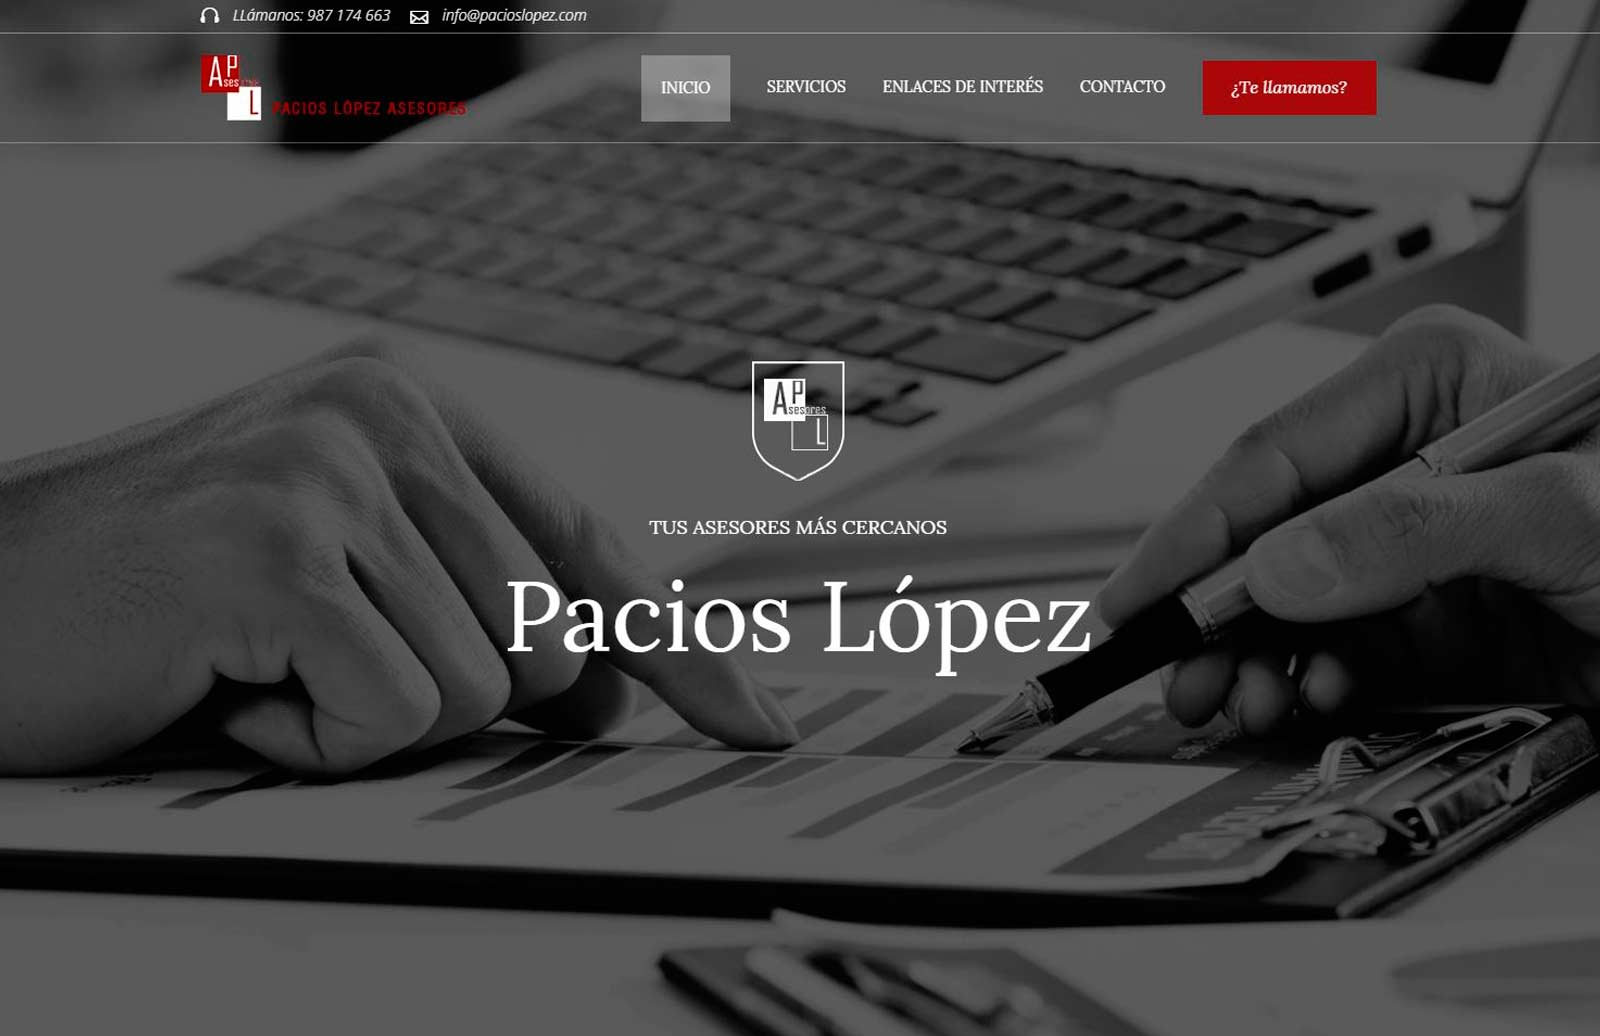 Pacios López